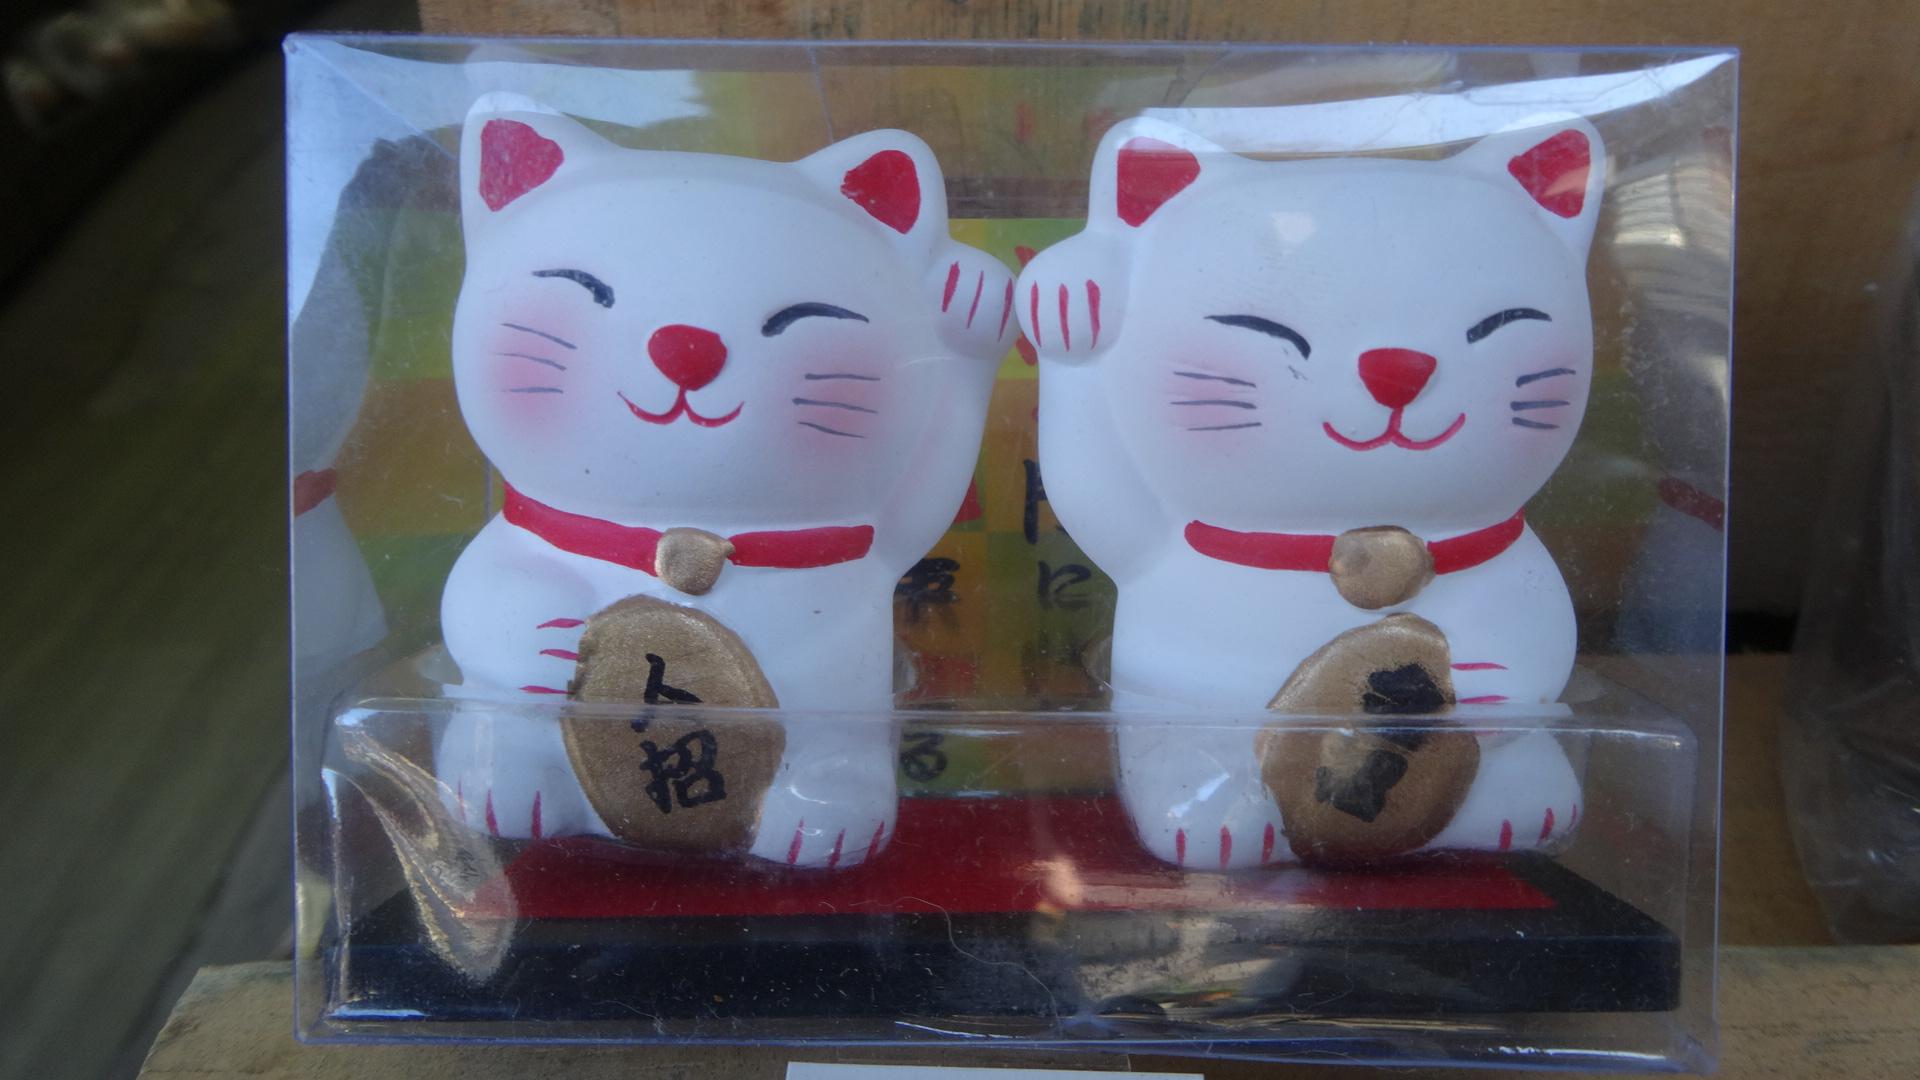 右手を挙げる招き猫 左手を挙げる招き猫1